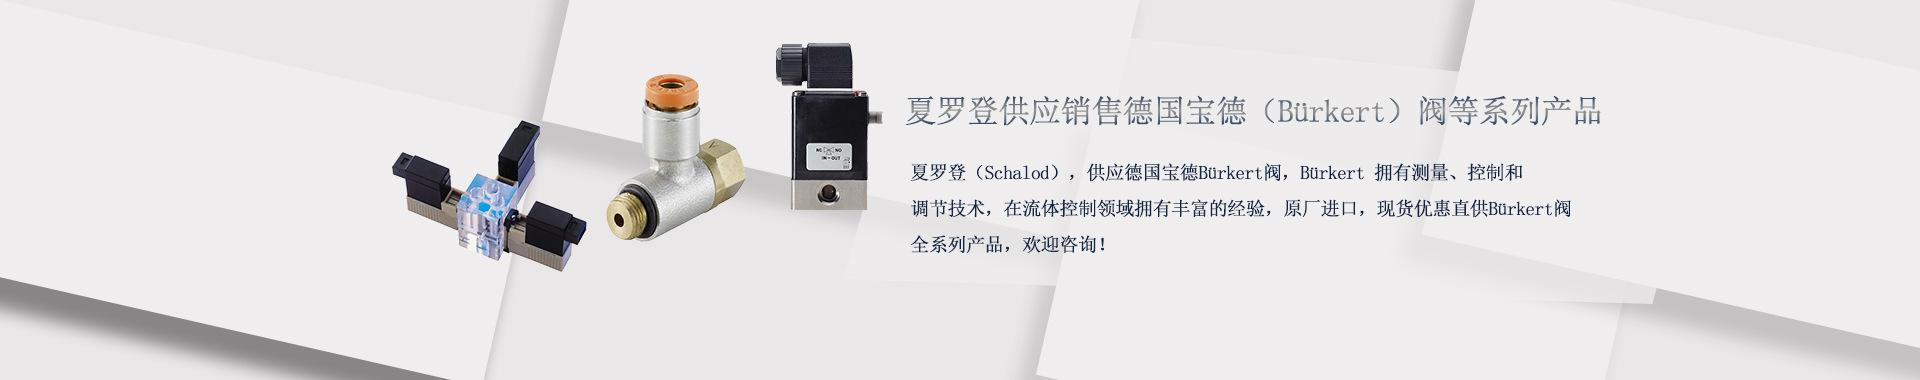 夏罗登工业科技(上海)有限公司